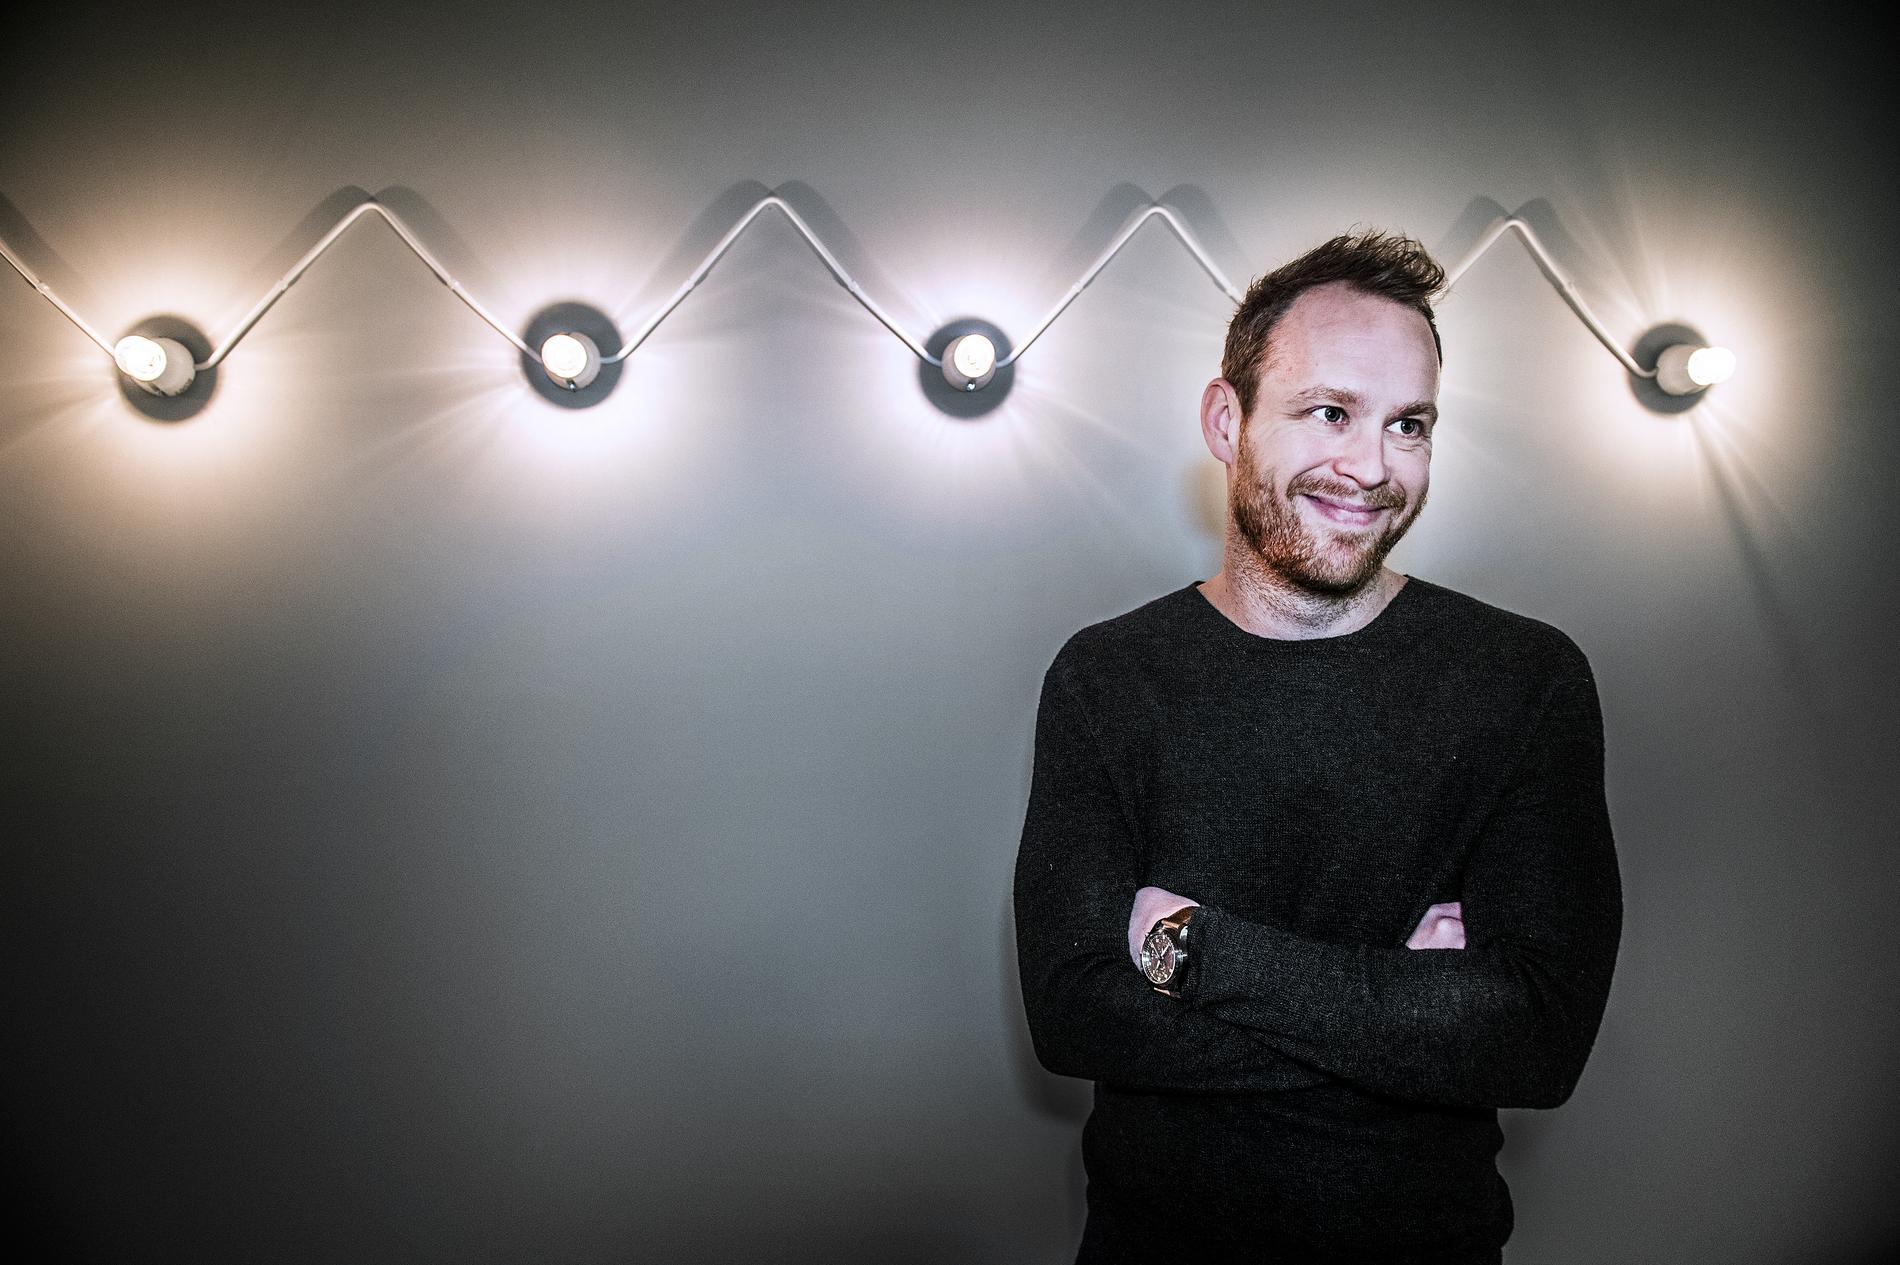 Kommer Björn Frantzén behålla sina tre stjärnor?